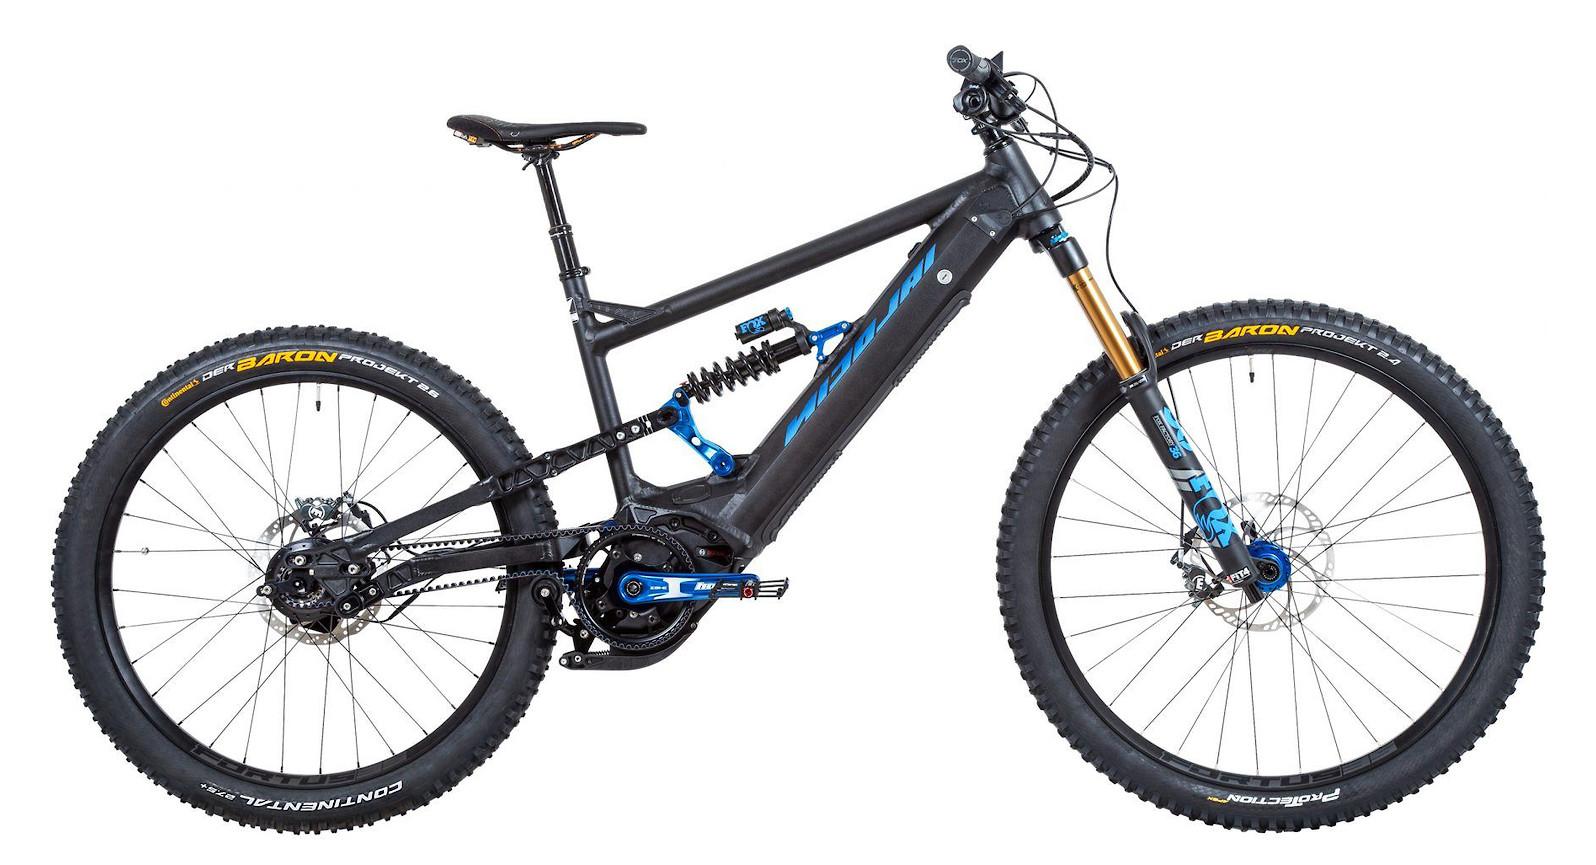 2020 Nicolai G1 EBOXX E14